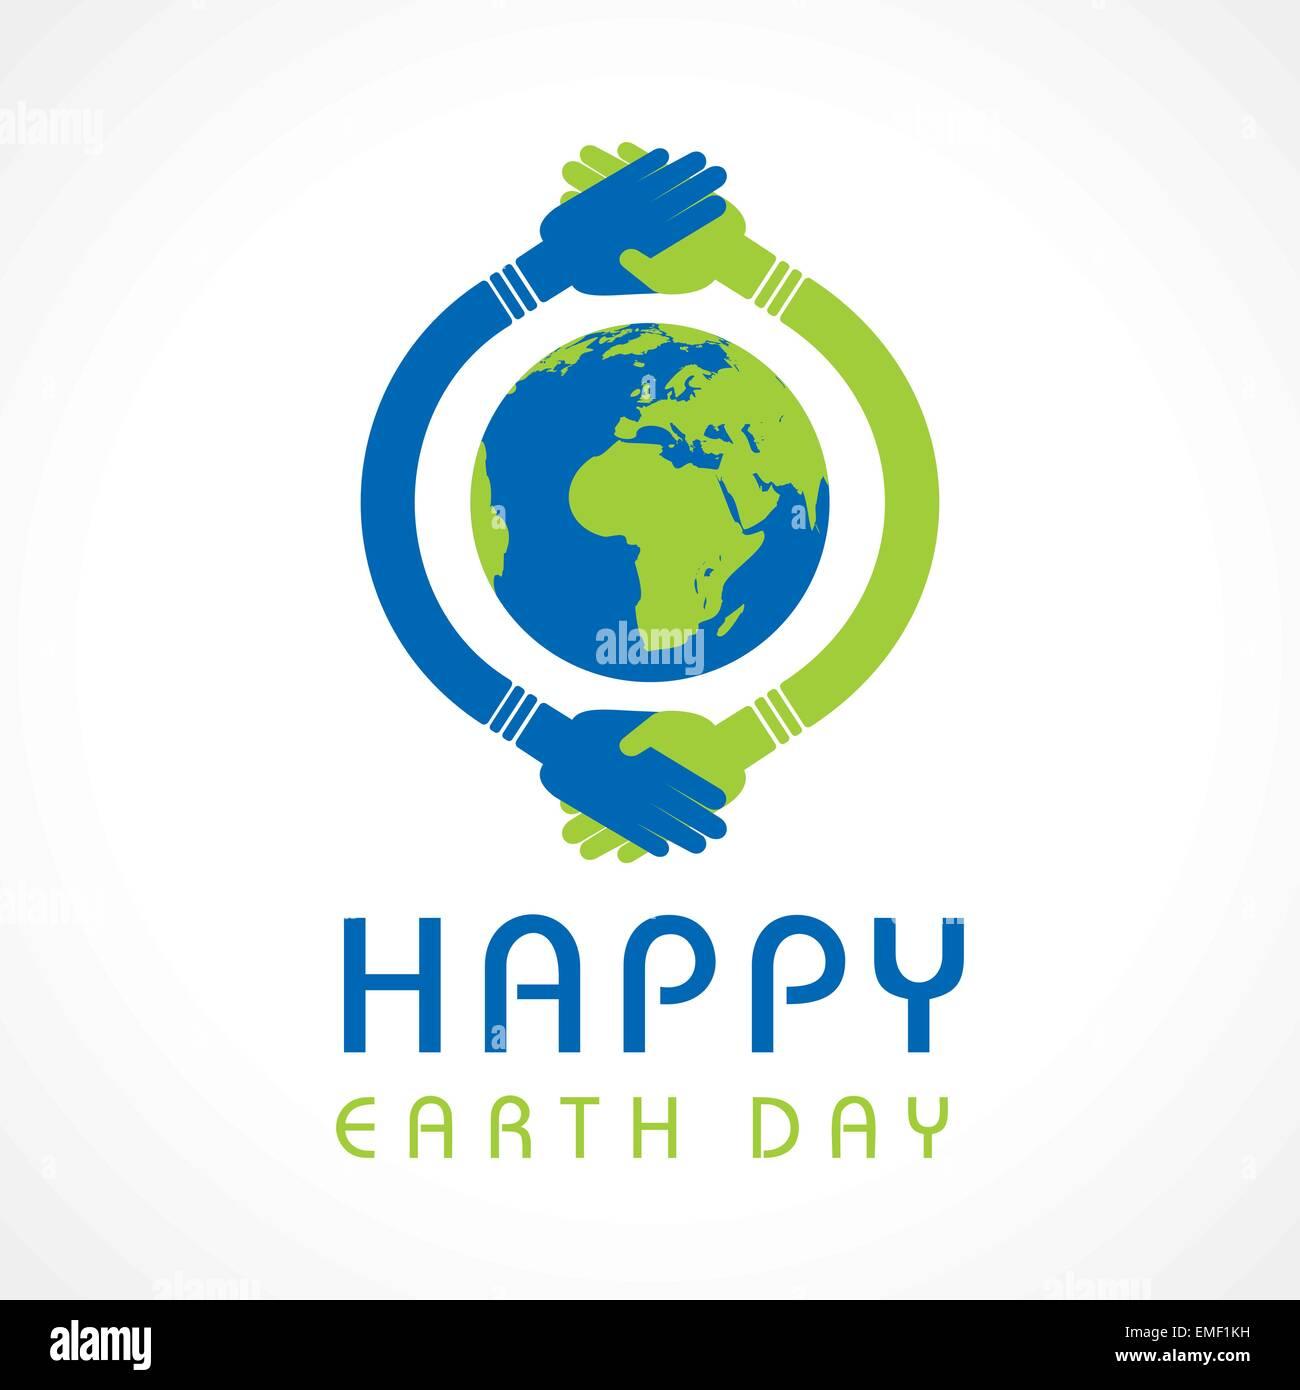 Feliz Día de la Tierra Saludo creativo vector stock Imagen De Stock